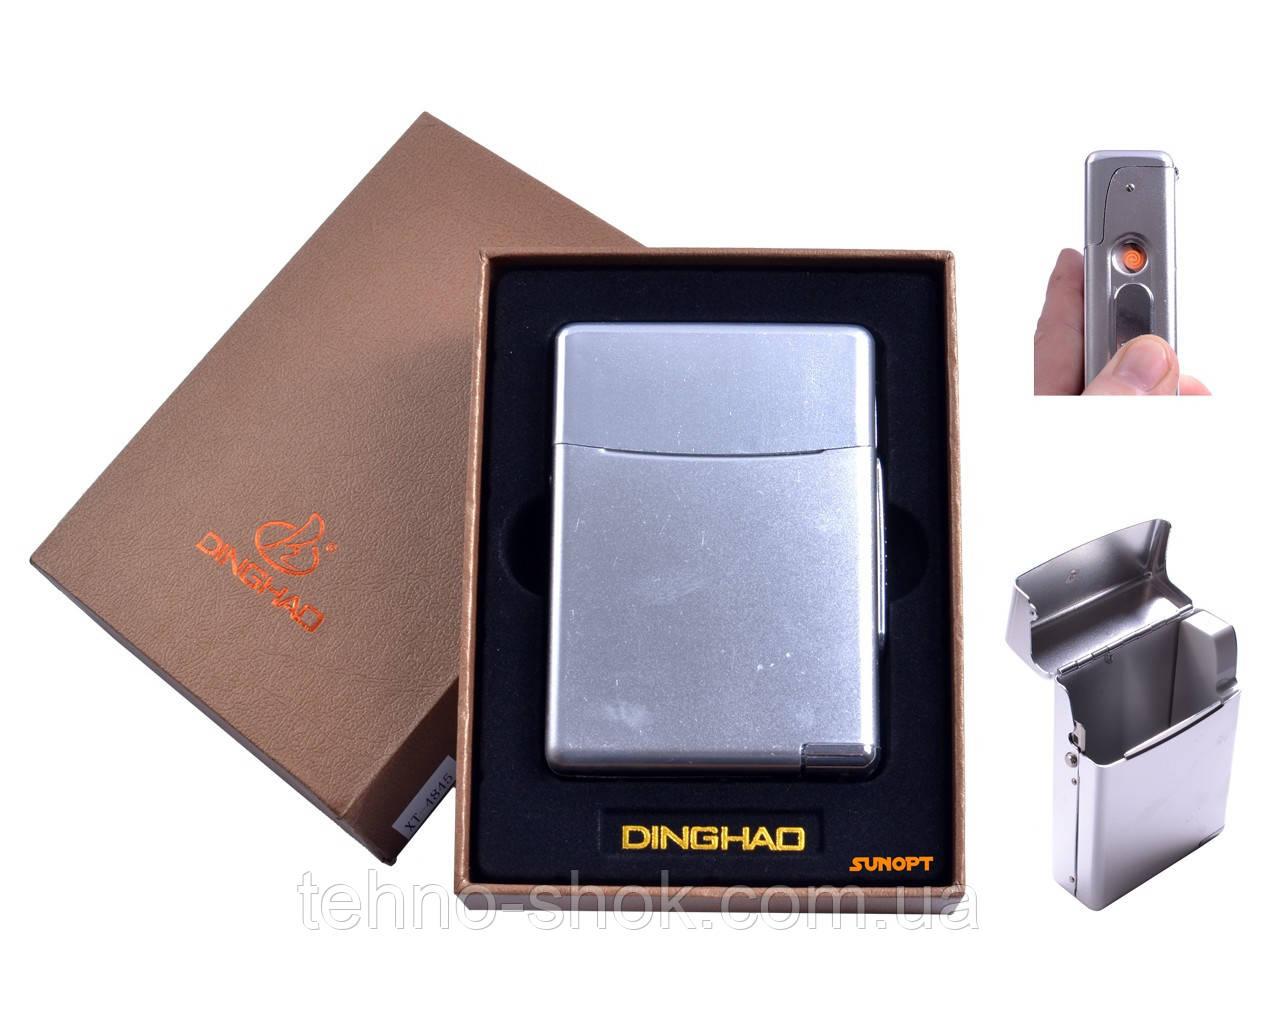 Портсигар Dinghao + USB зажигалка (Под сигаретную пачку, Спираль накаливания) Silver